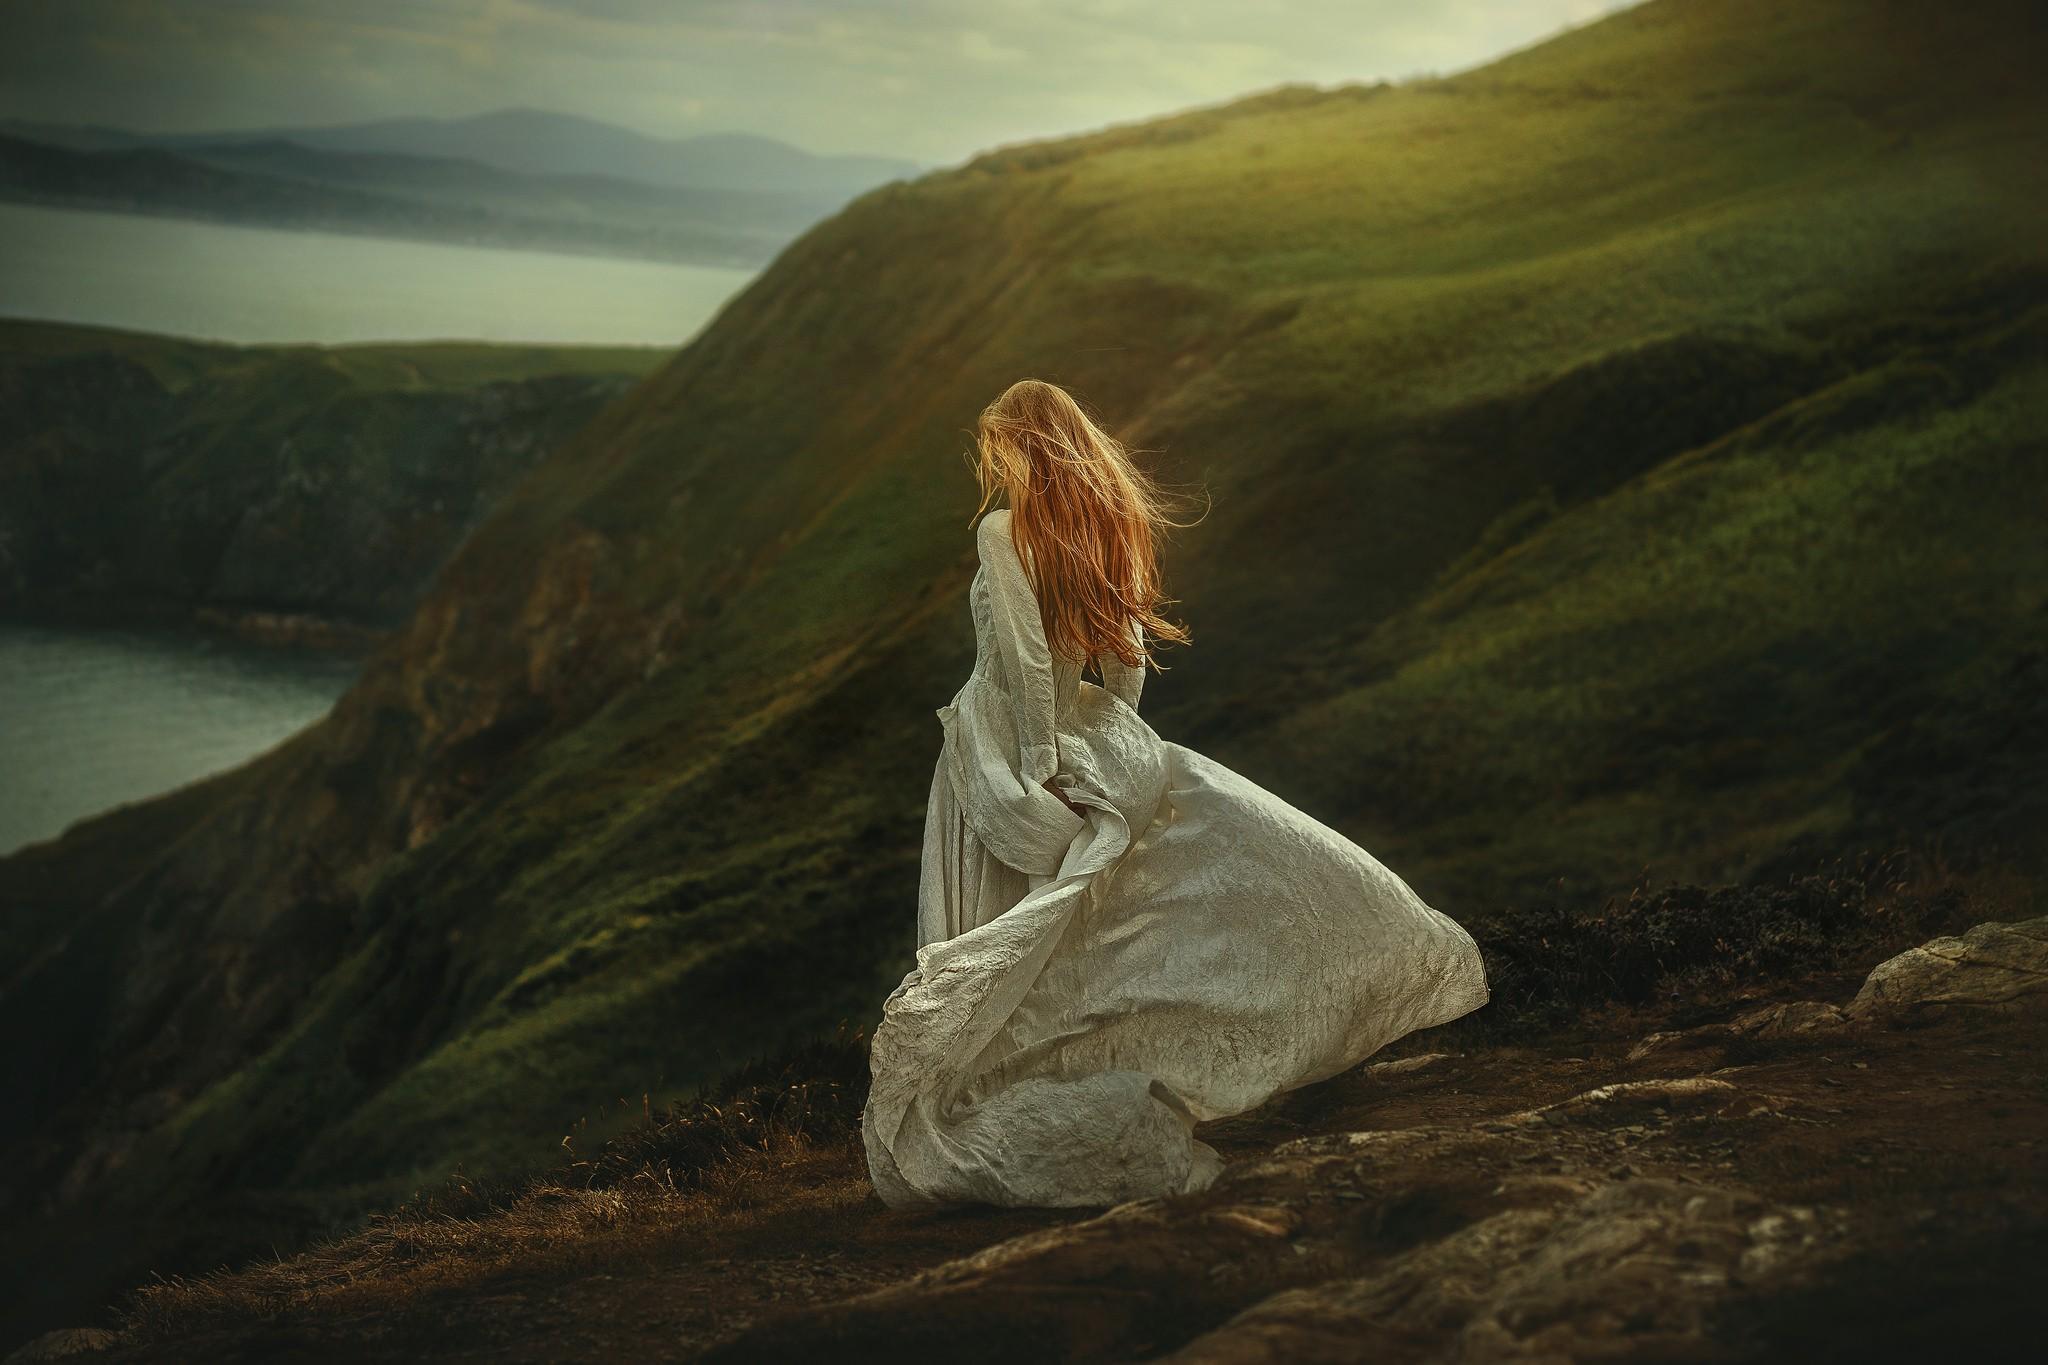 Wallpaper : fantasy girl, model, nature, women outdoors